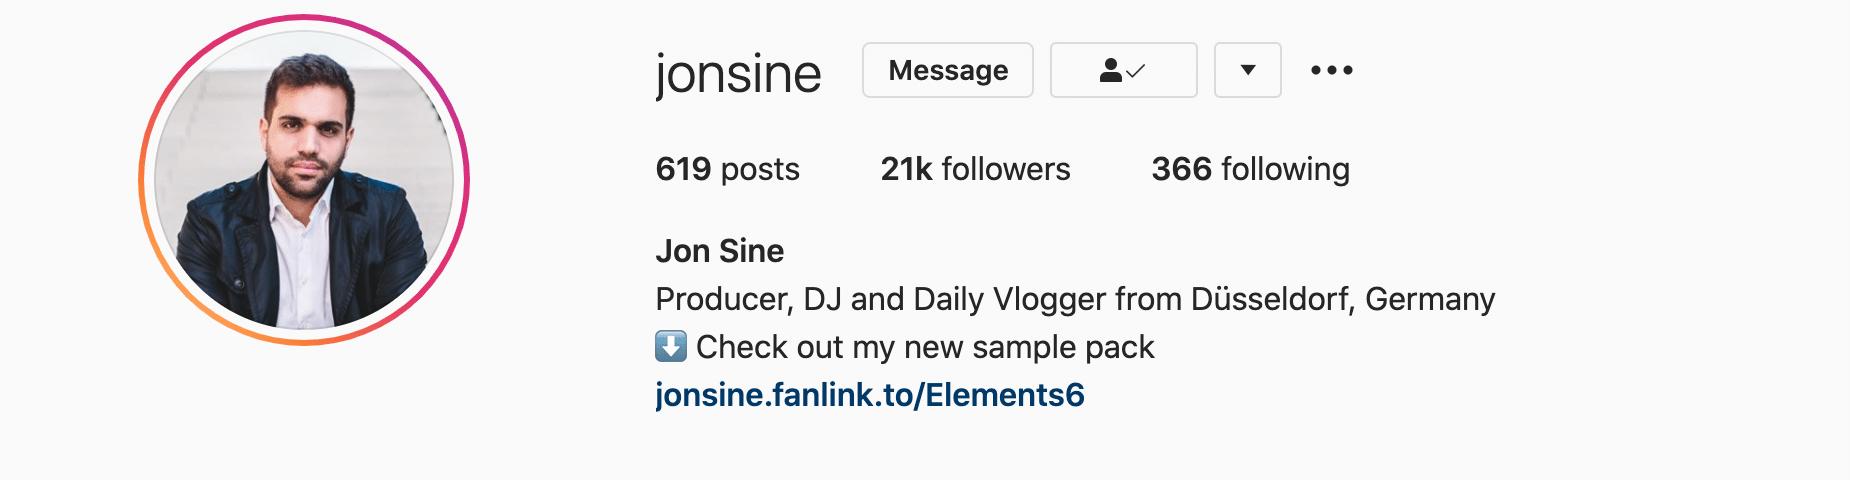 A do profile: josine